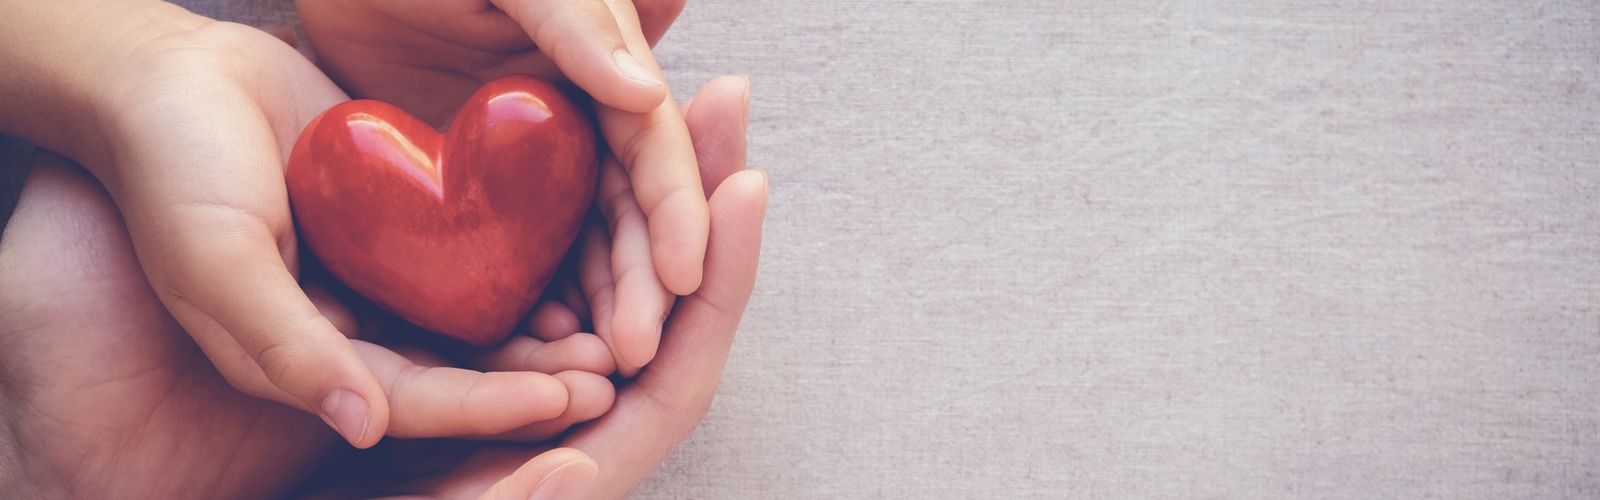 Treasure Coast Community Raises over $130,000 for Domestic Violence Victims